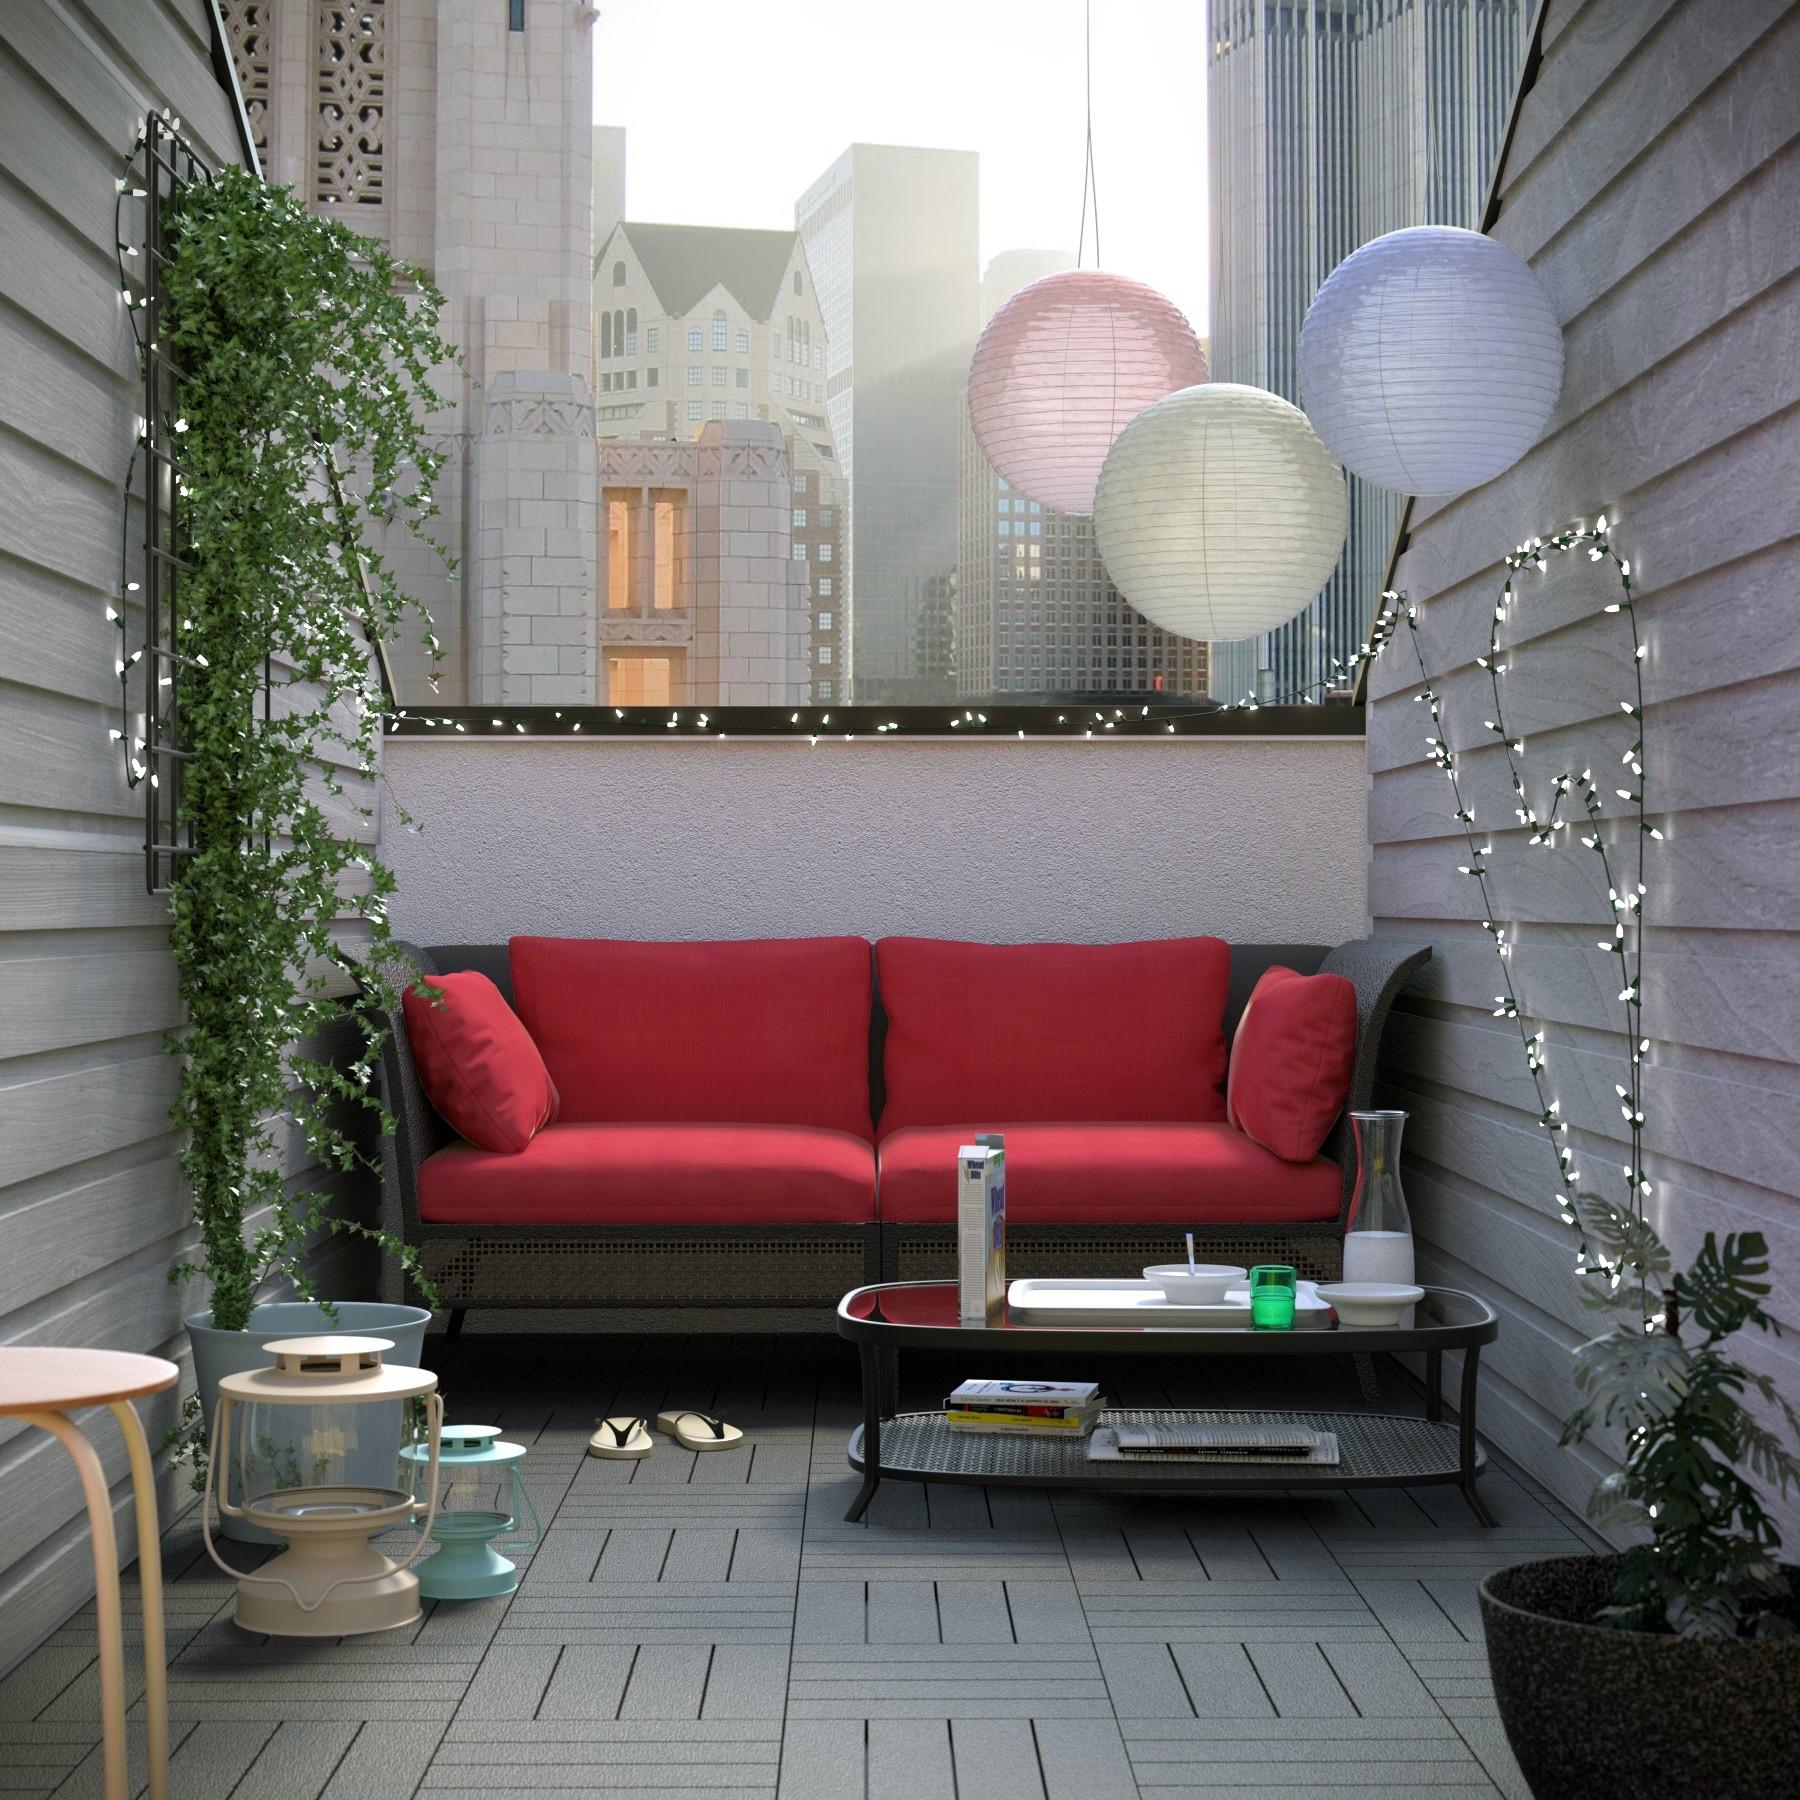 Daniel webb outdoor sofa comp ps